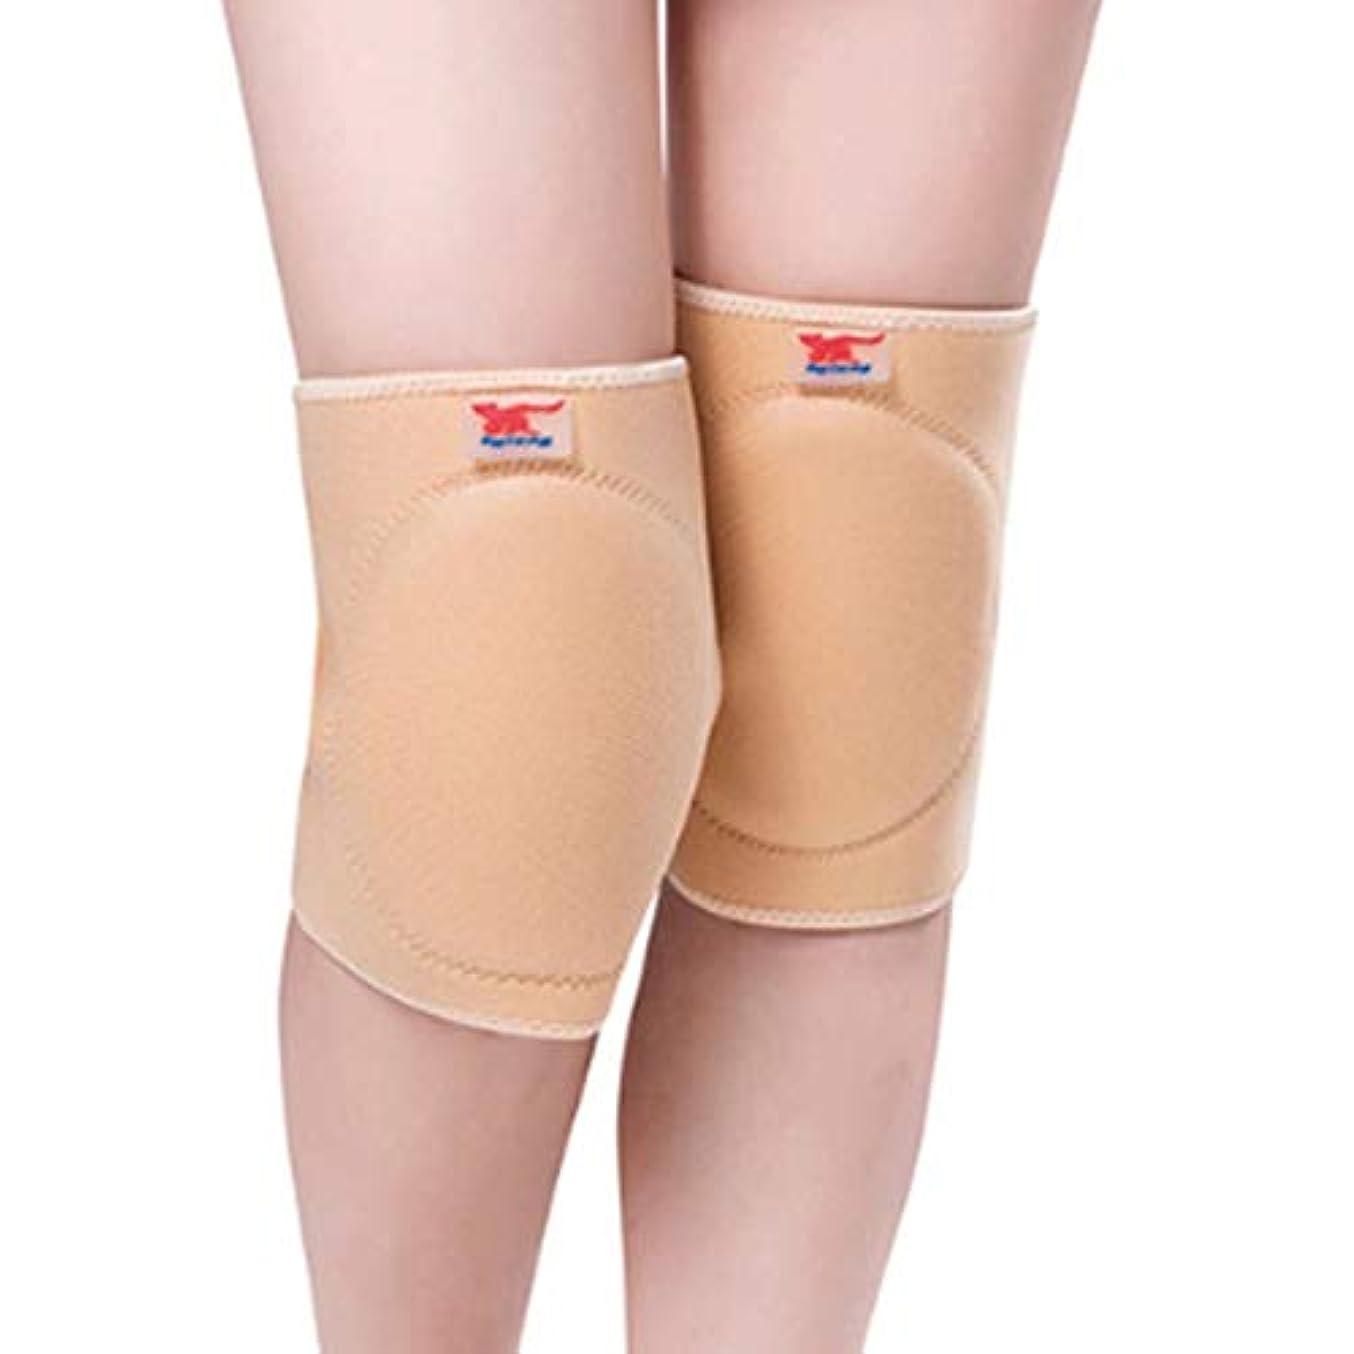 唯一ファウルリフレッシュ反膝パッドウール防止関節炎保温暖かい膝サポート通気性肥厚膝パッド安全膝ブレース